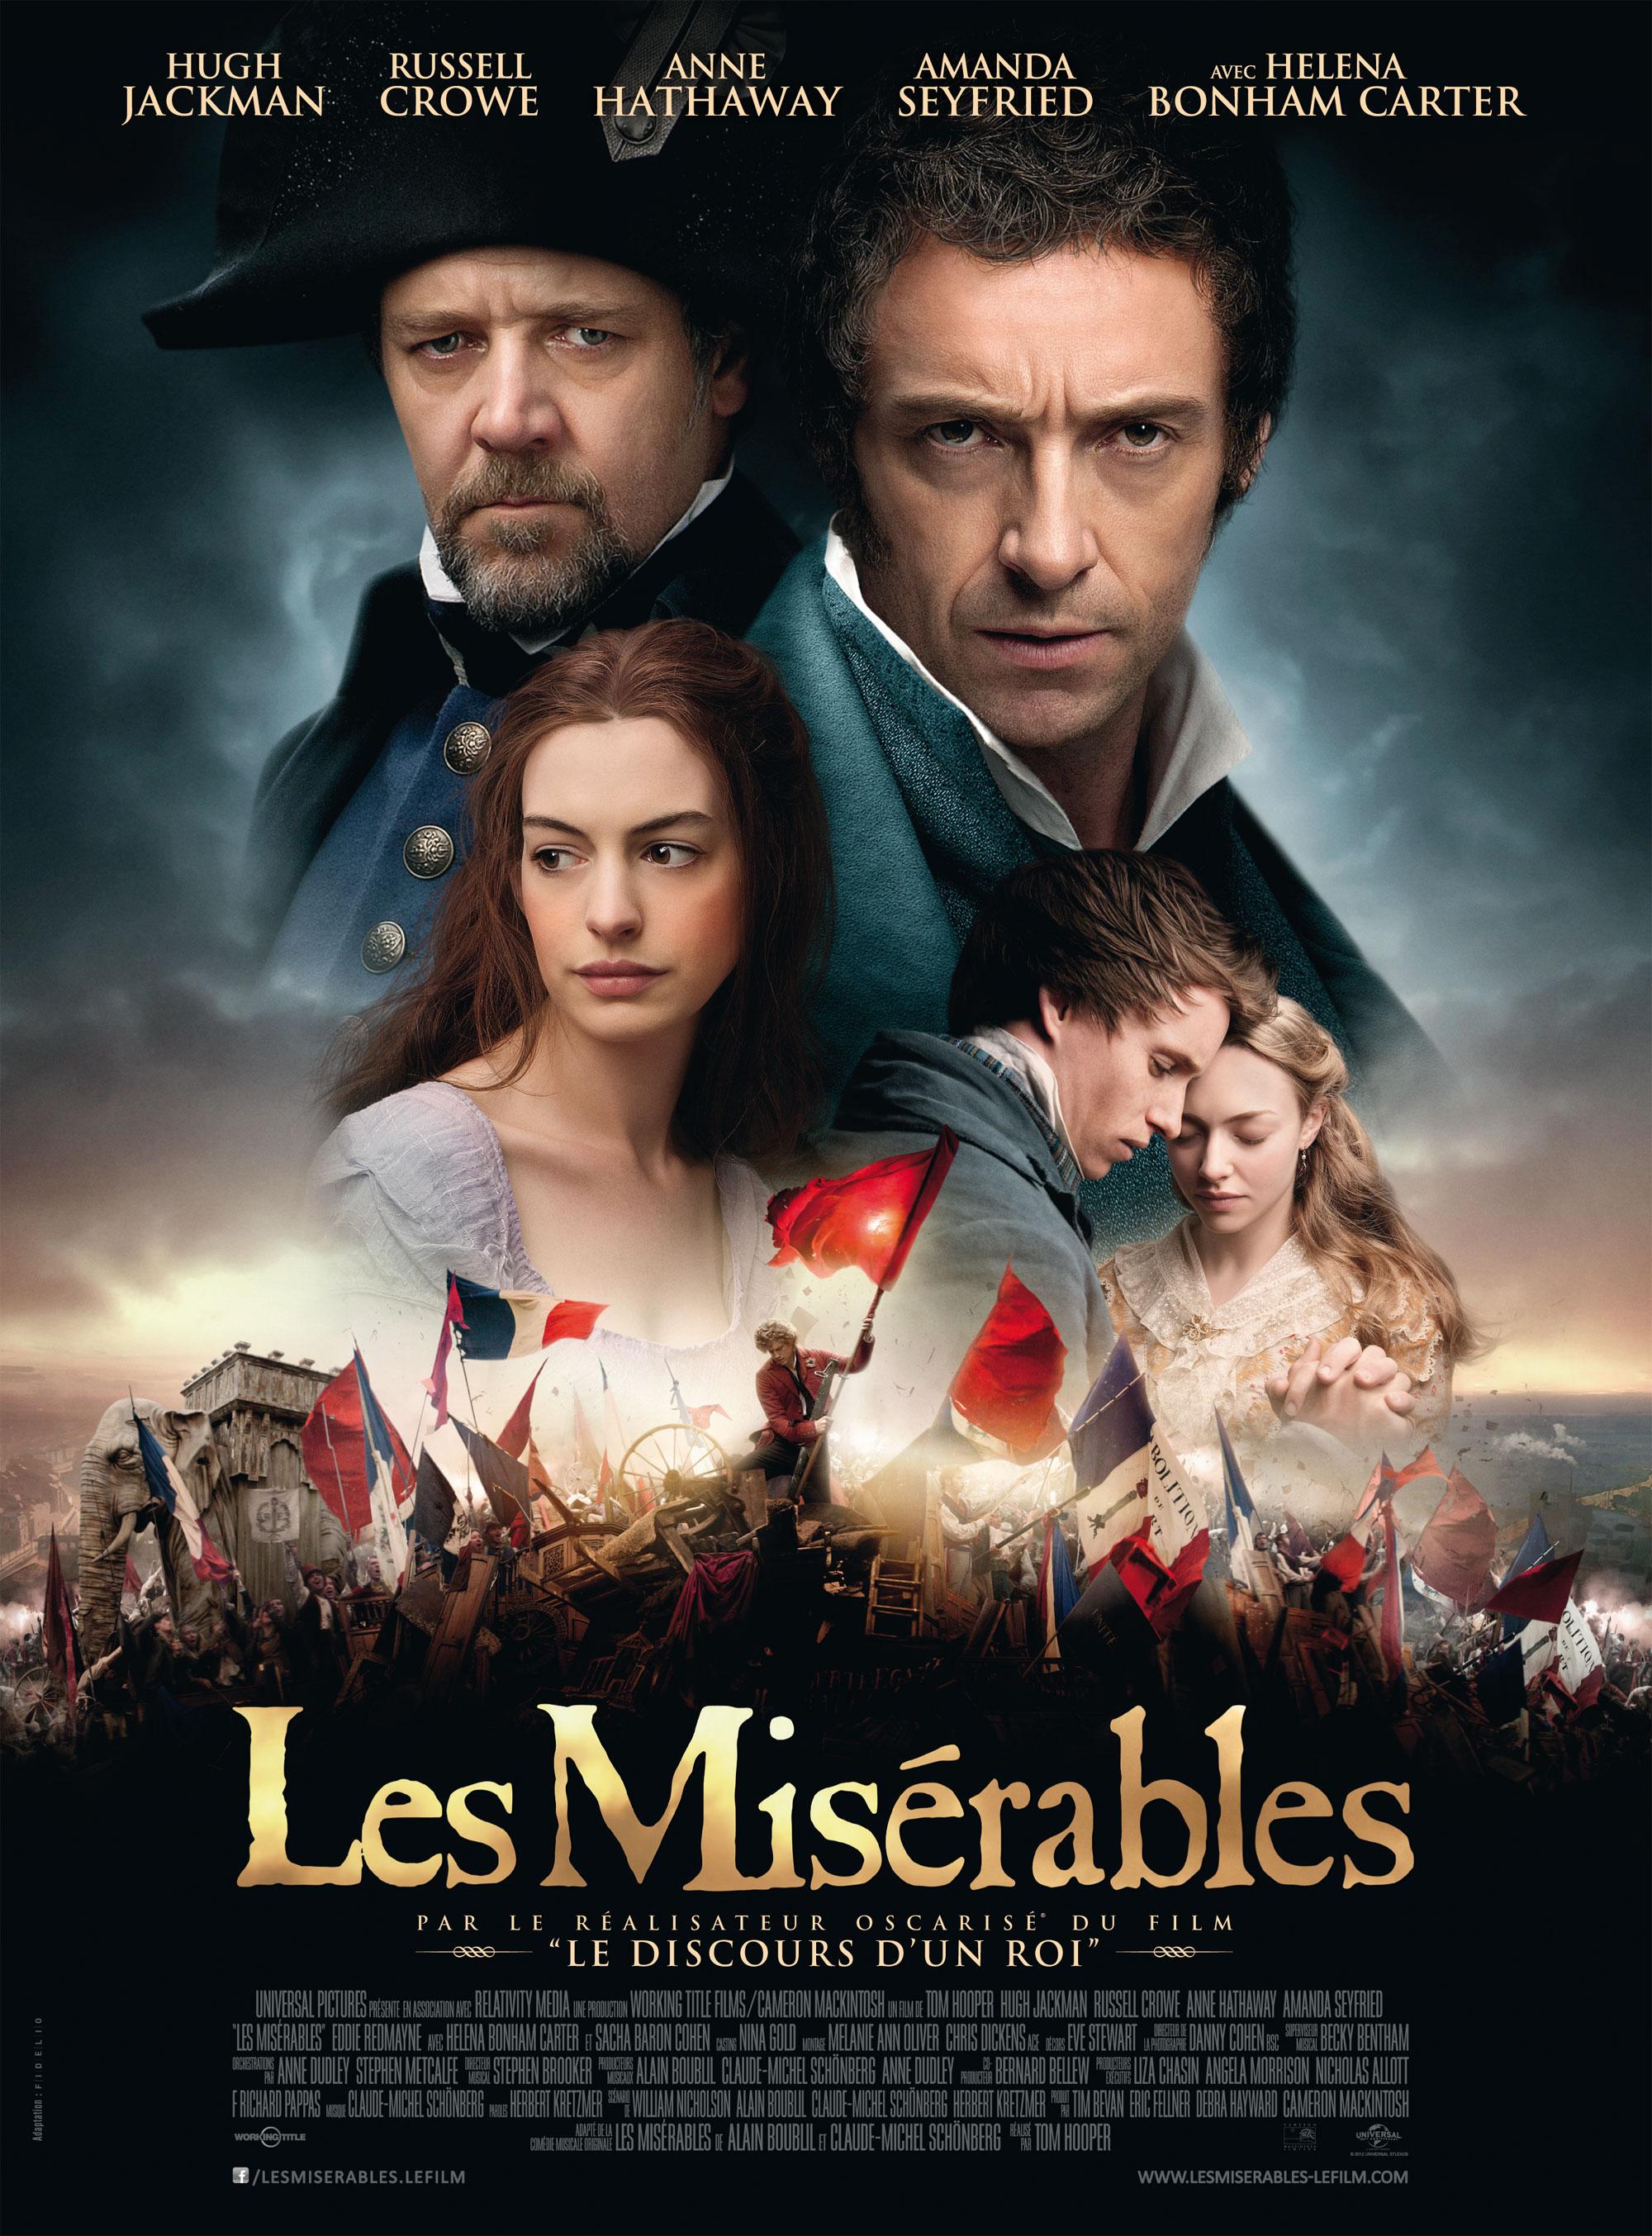 Les Misérables. Titolo originale. Les Misérables. Anno di uscita. 2012.  Generi. Film, Musical. Durata. Trailer non. trailer imdb user manuals ...